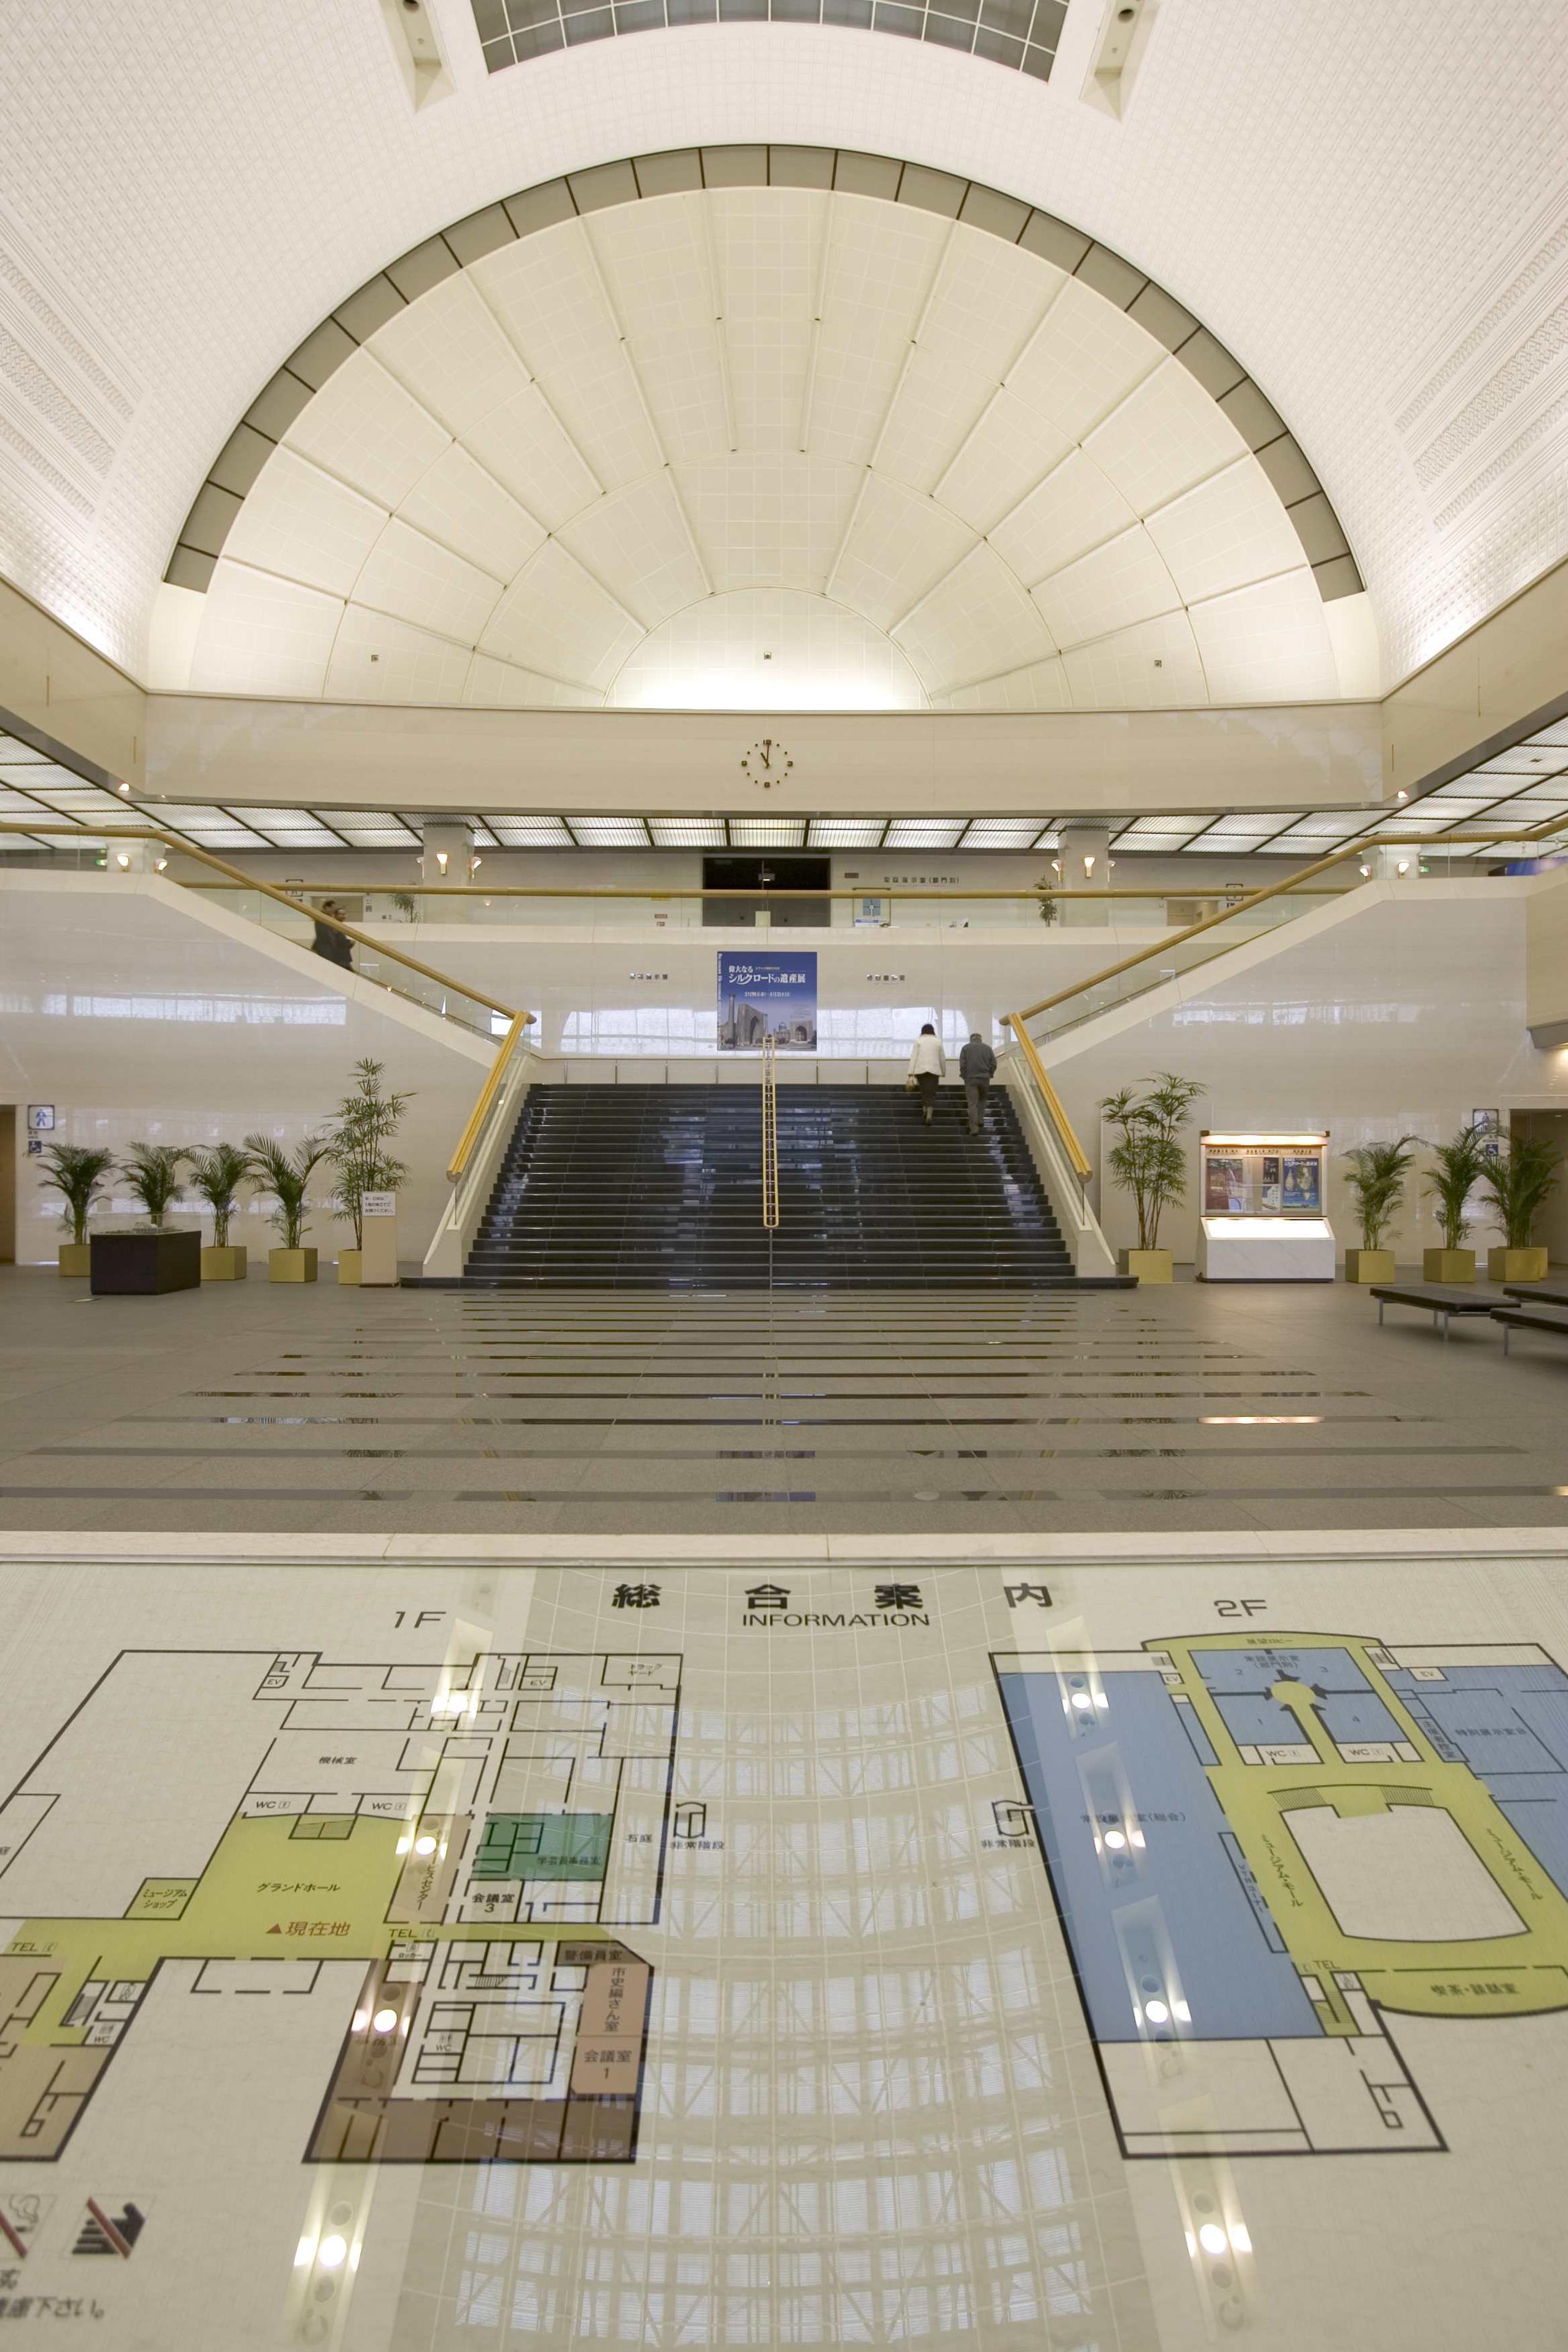 福岡市博物館・グランドホール(撮影年不明)の画像